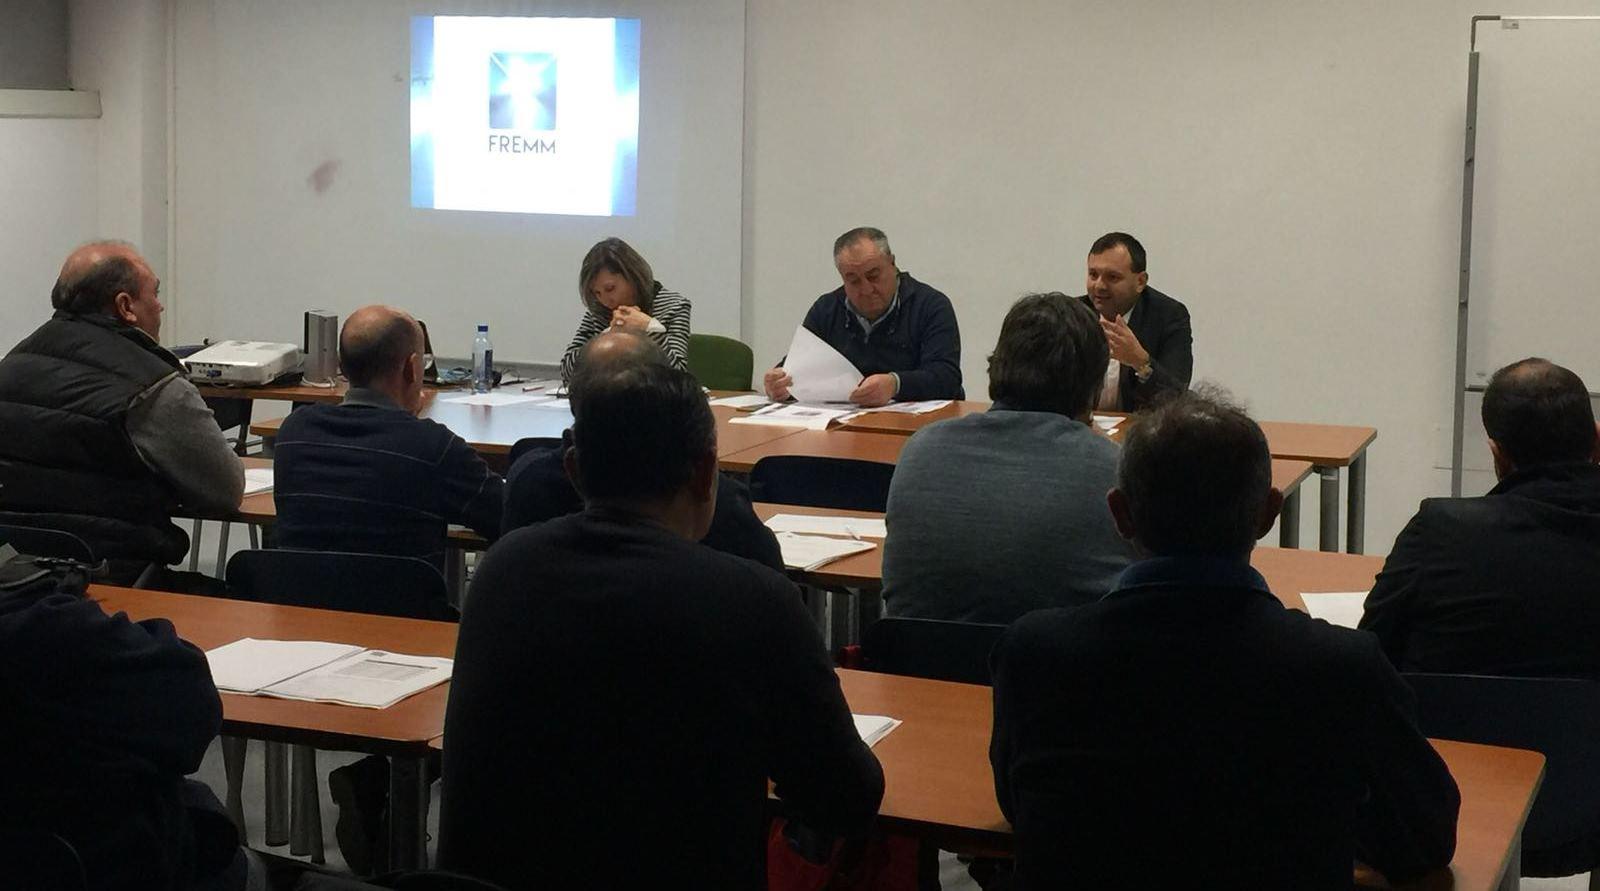 El servicio de diagnosis gratuito para talleres de FREMM ya rueda en Totana